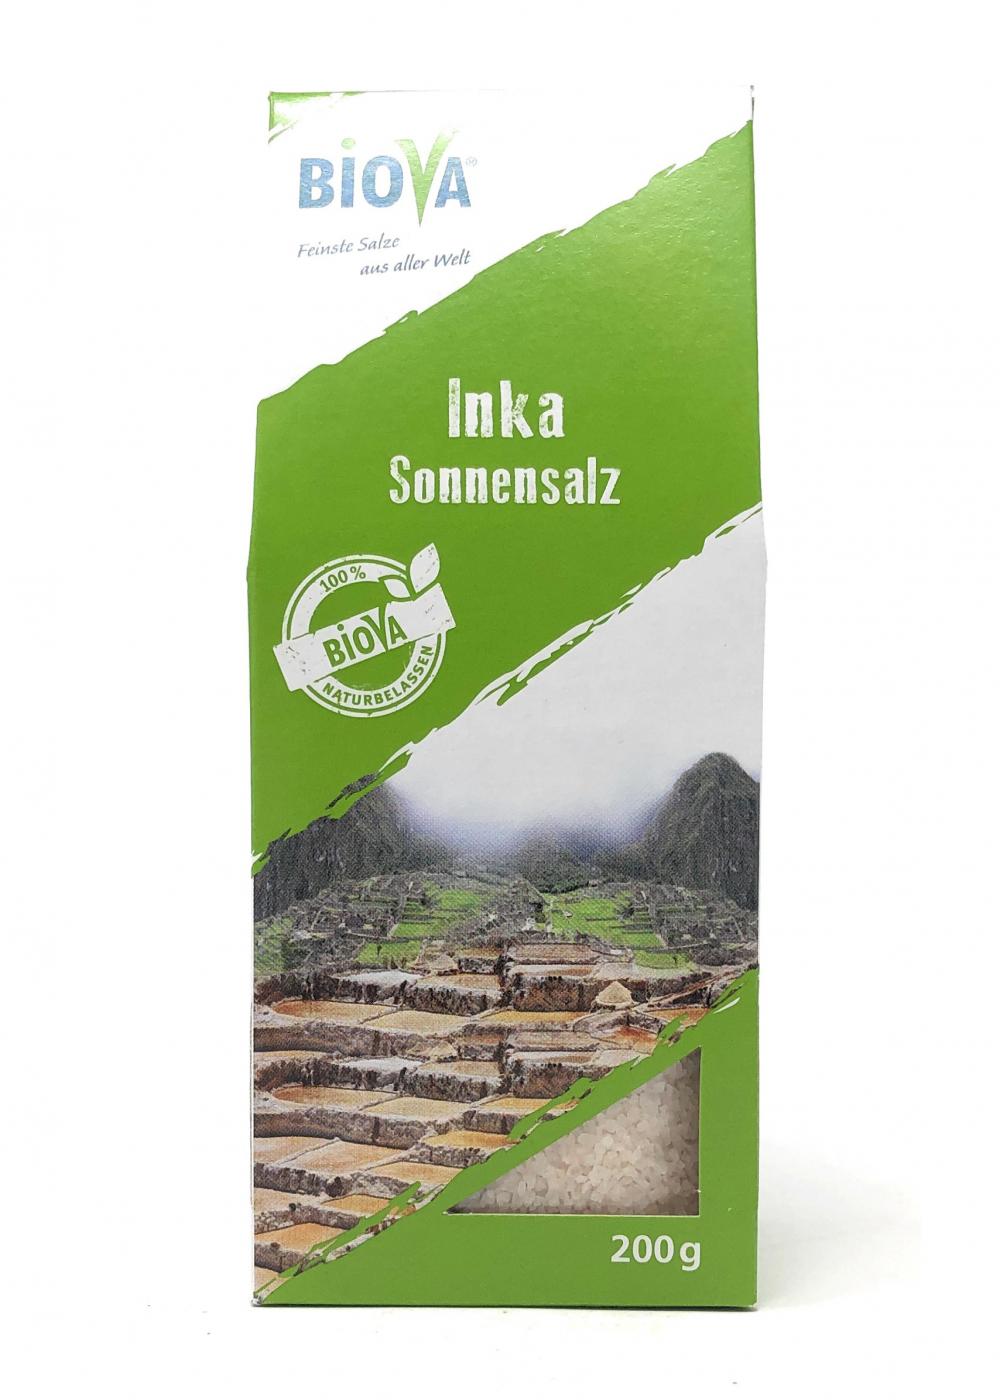 Biova Gourmetsalz Inka Sonnensalz (Andensalz) aus Peru 1-3mm 200g Faltschachtel